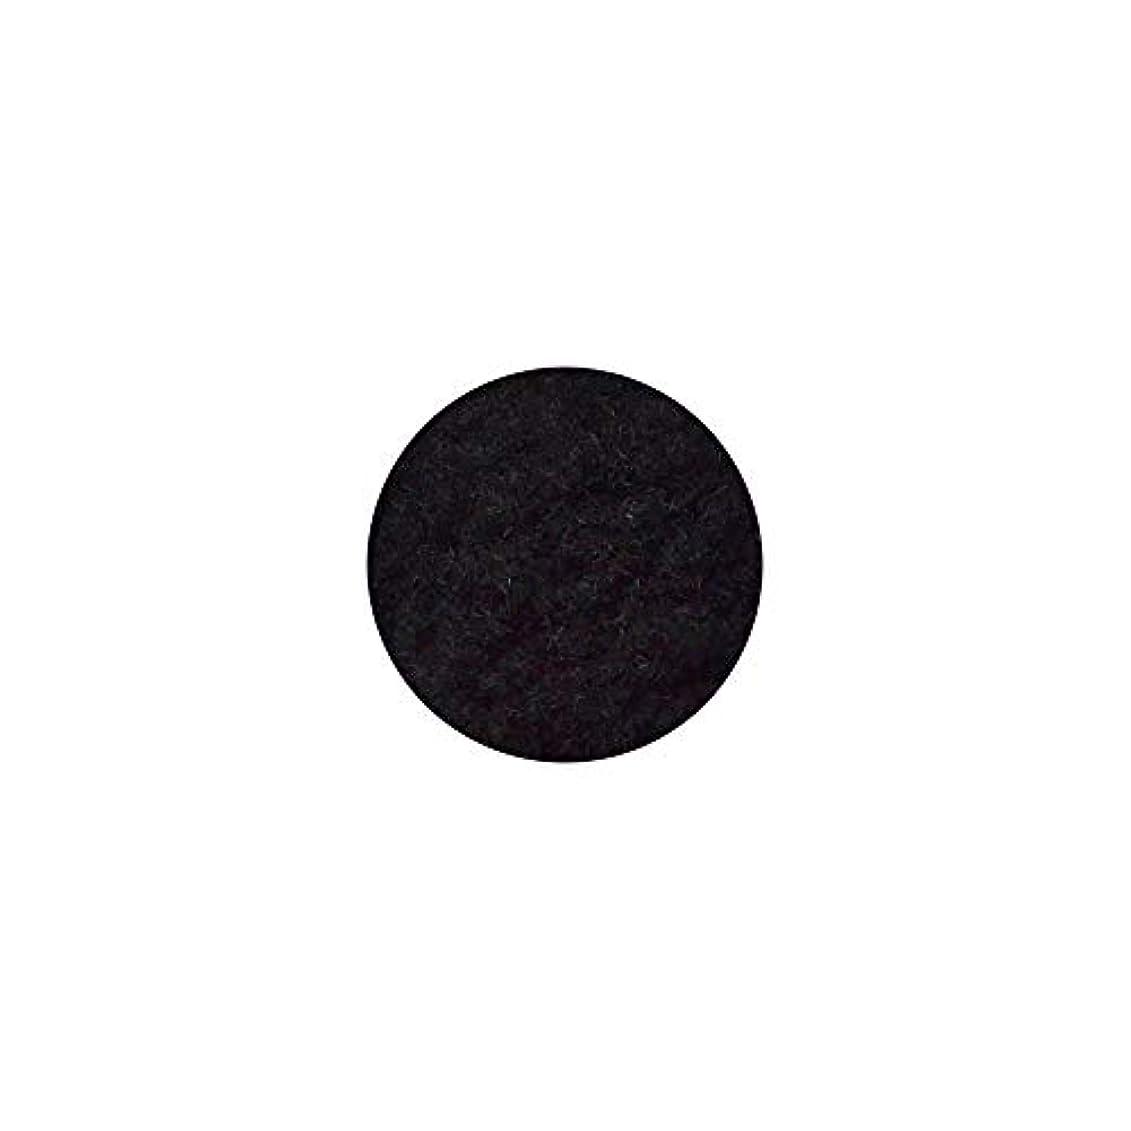 怒って細心のオーナメントベルベットパウダー[ブラック] フェルト ジェルネイル